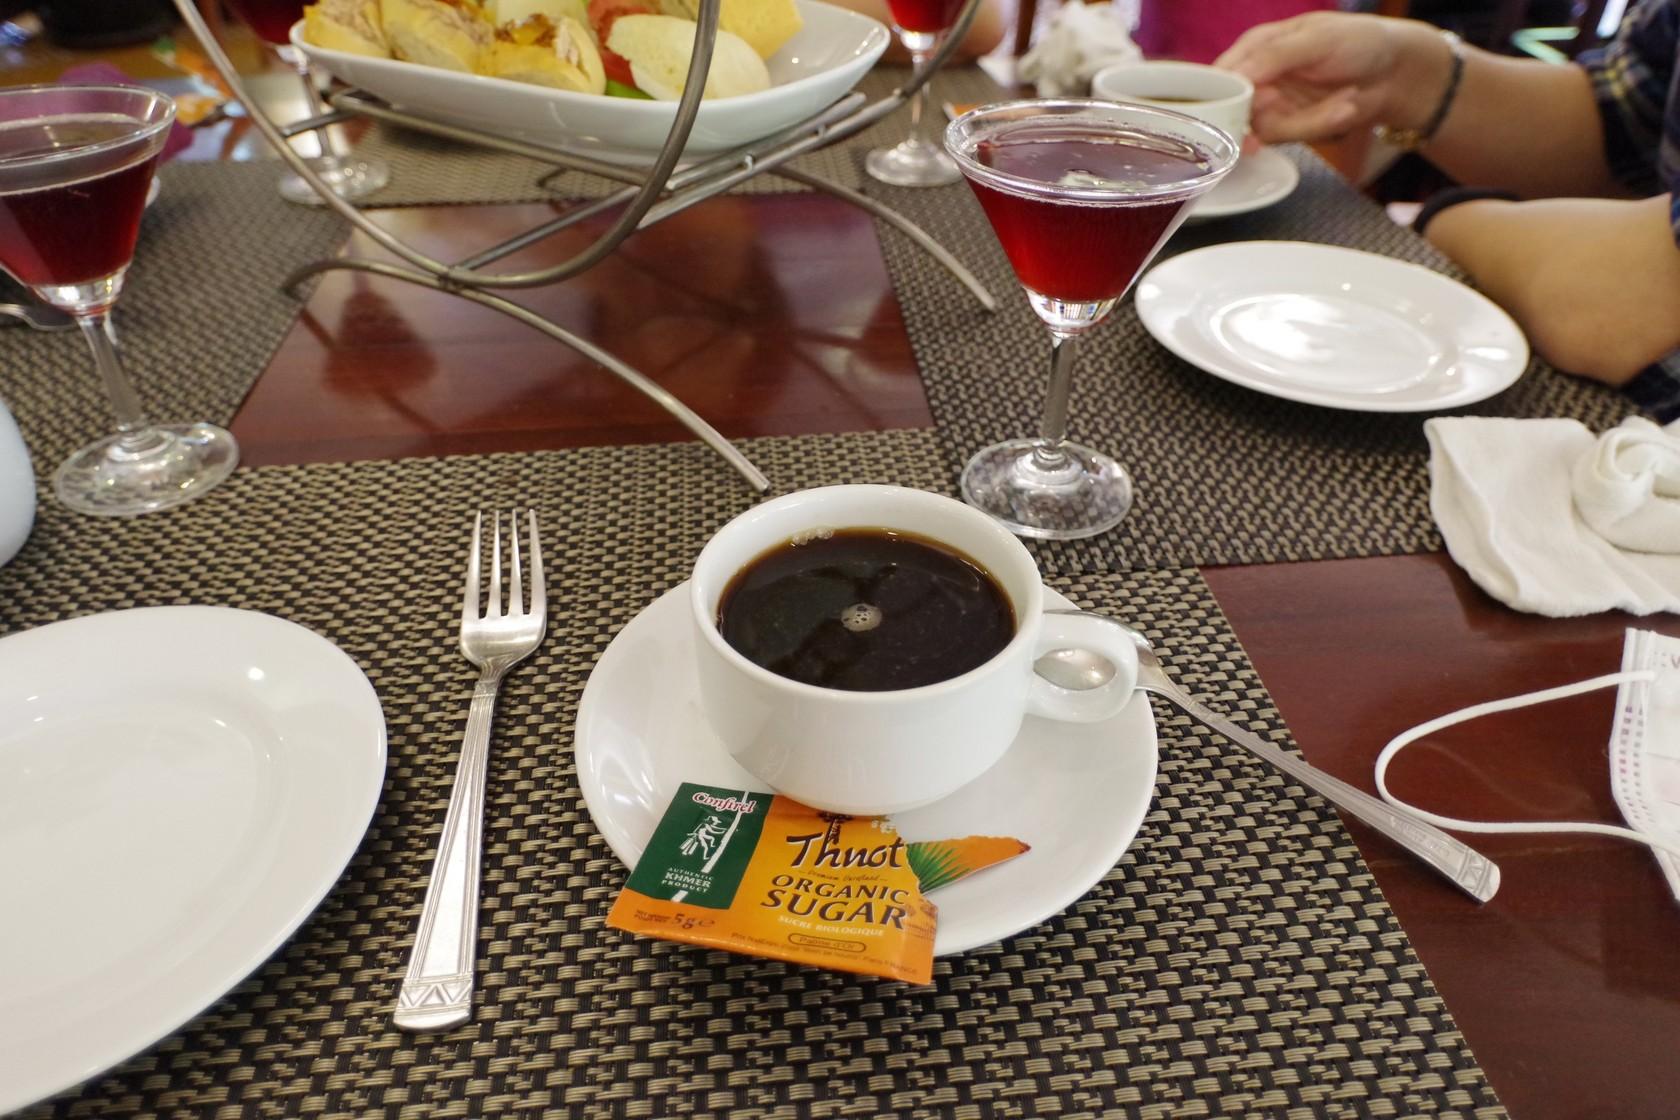 飯店下午茶,柬埔寨咖啡搭配棕糖